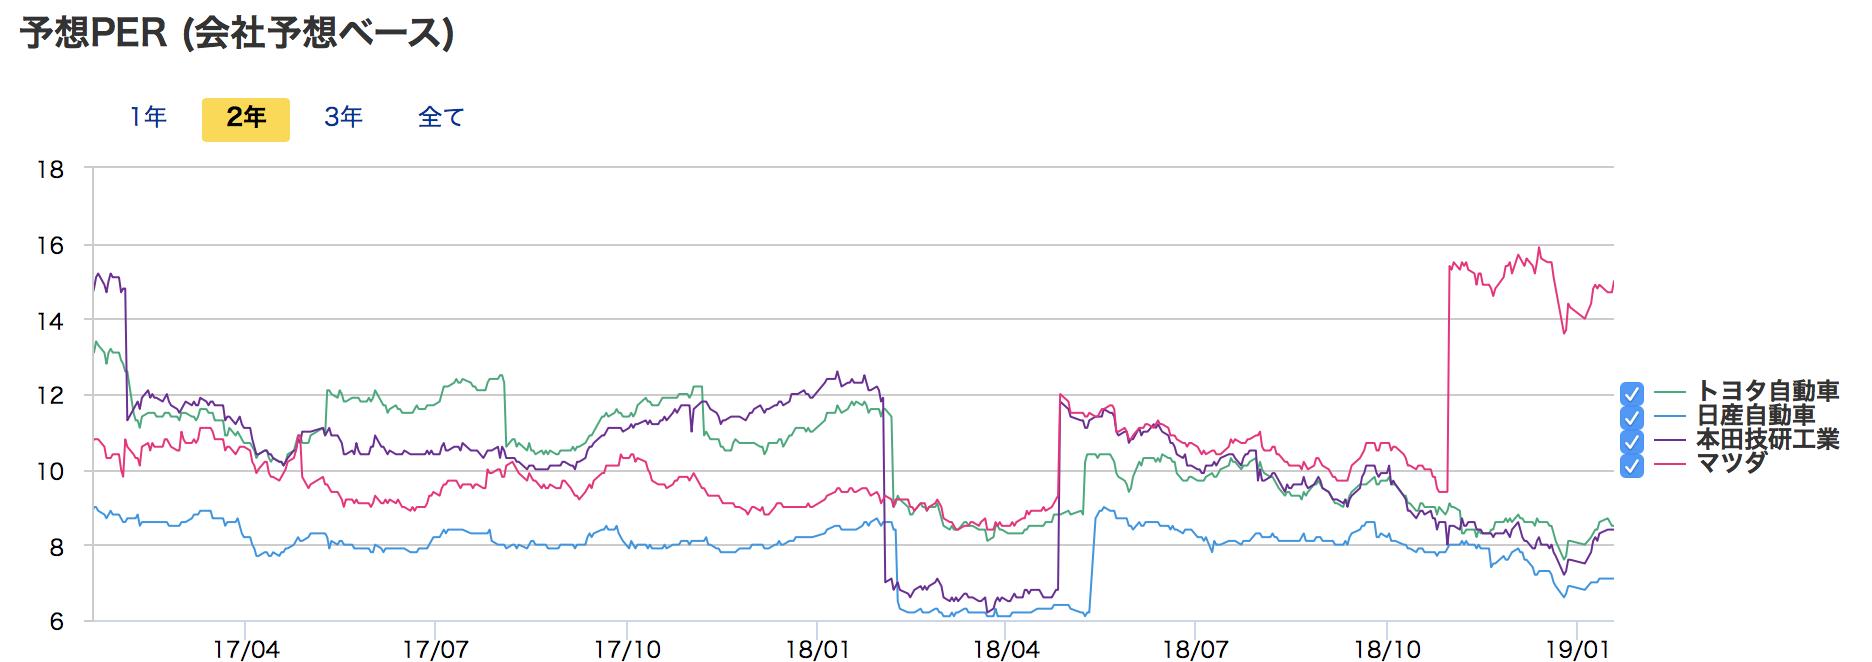 銘柄セクターで確認できるPERの銘柄比較チャート